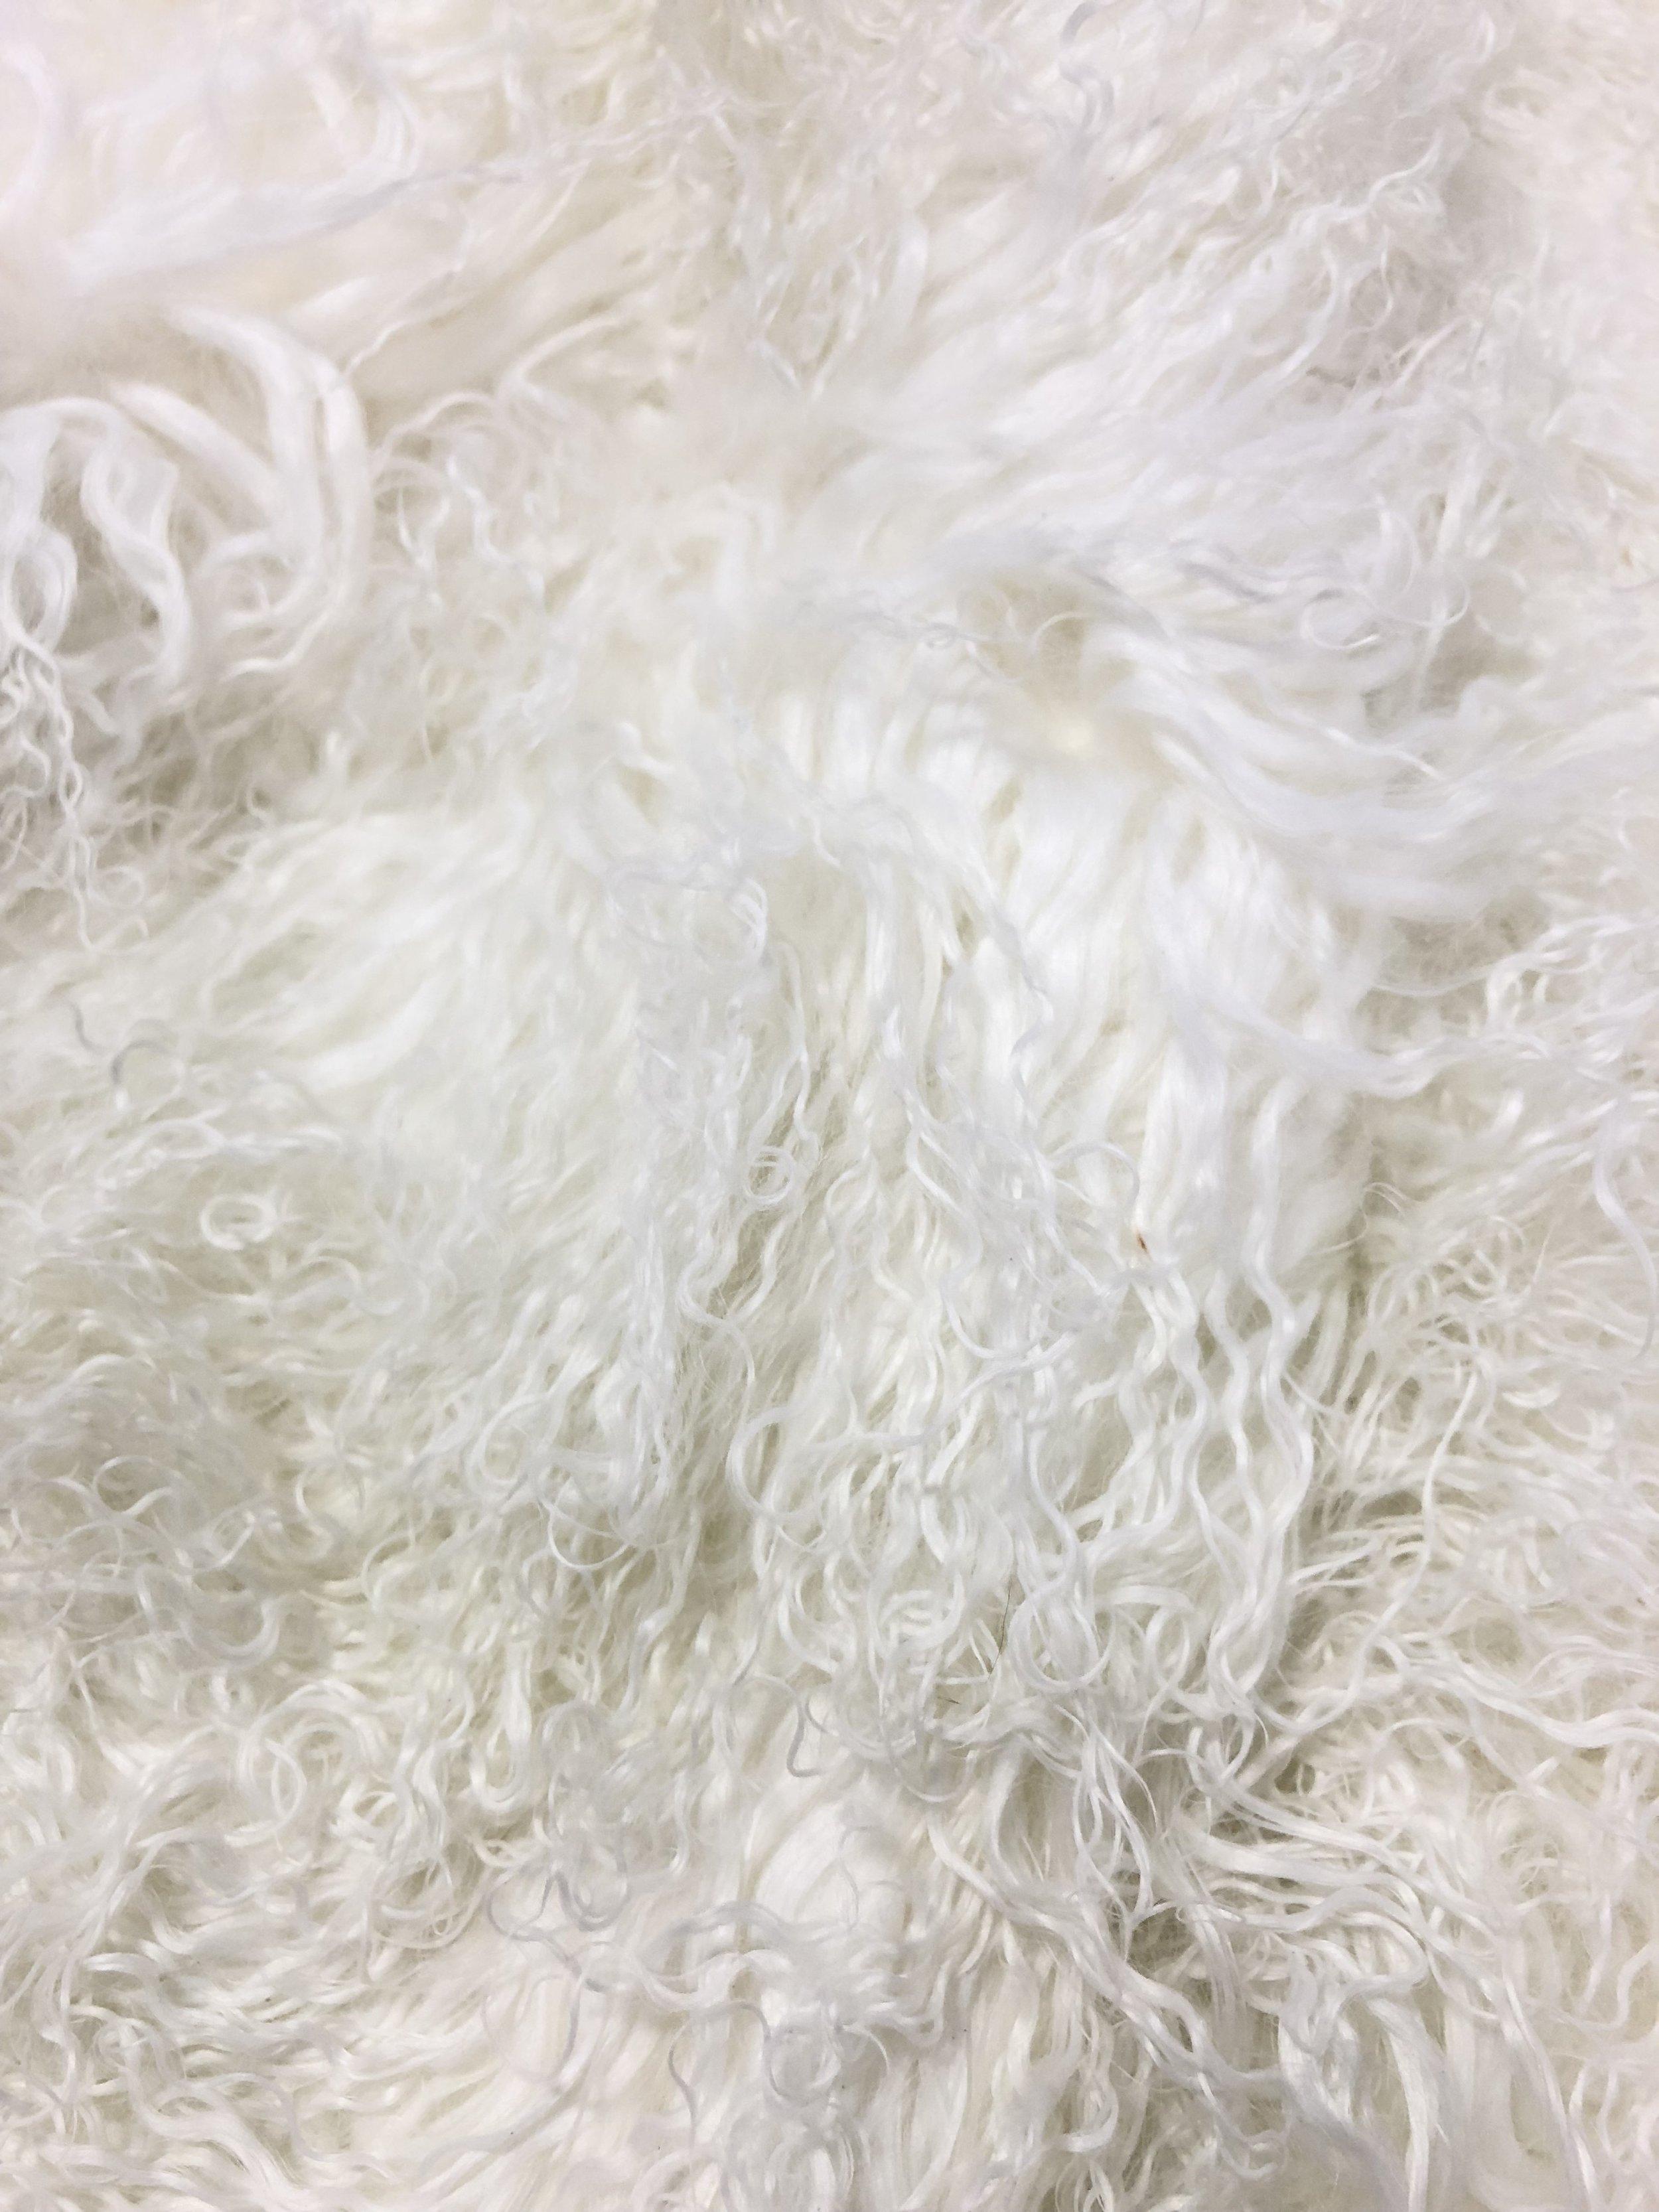 Tibetan White